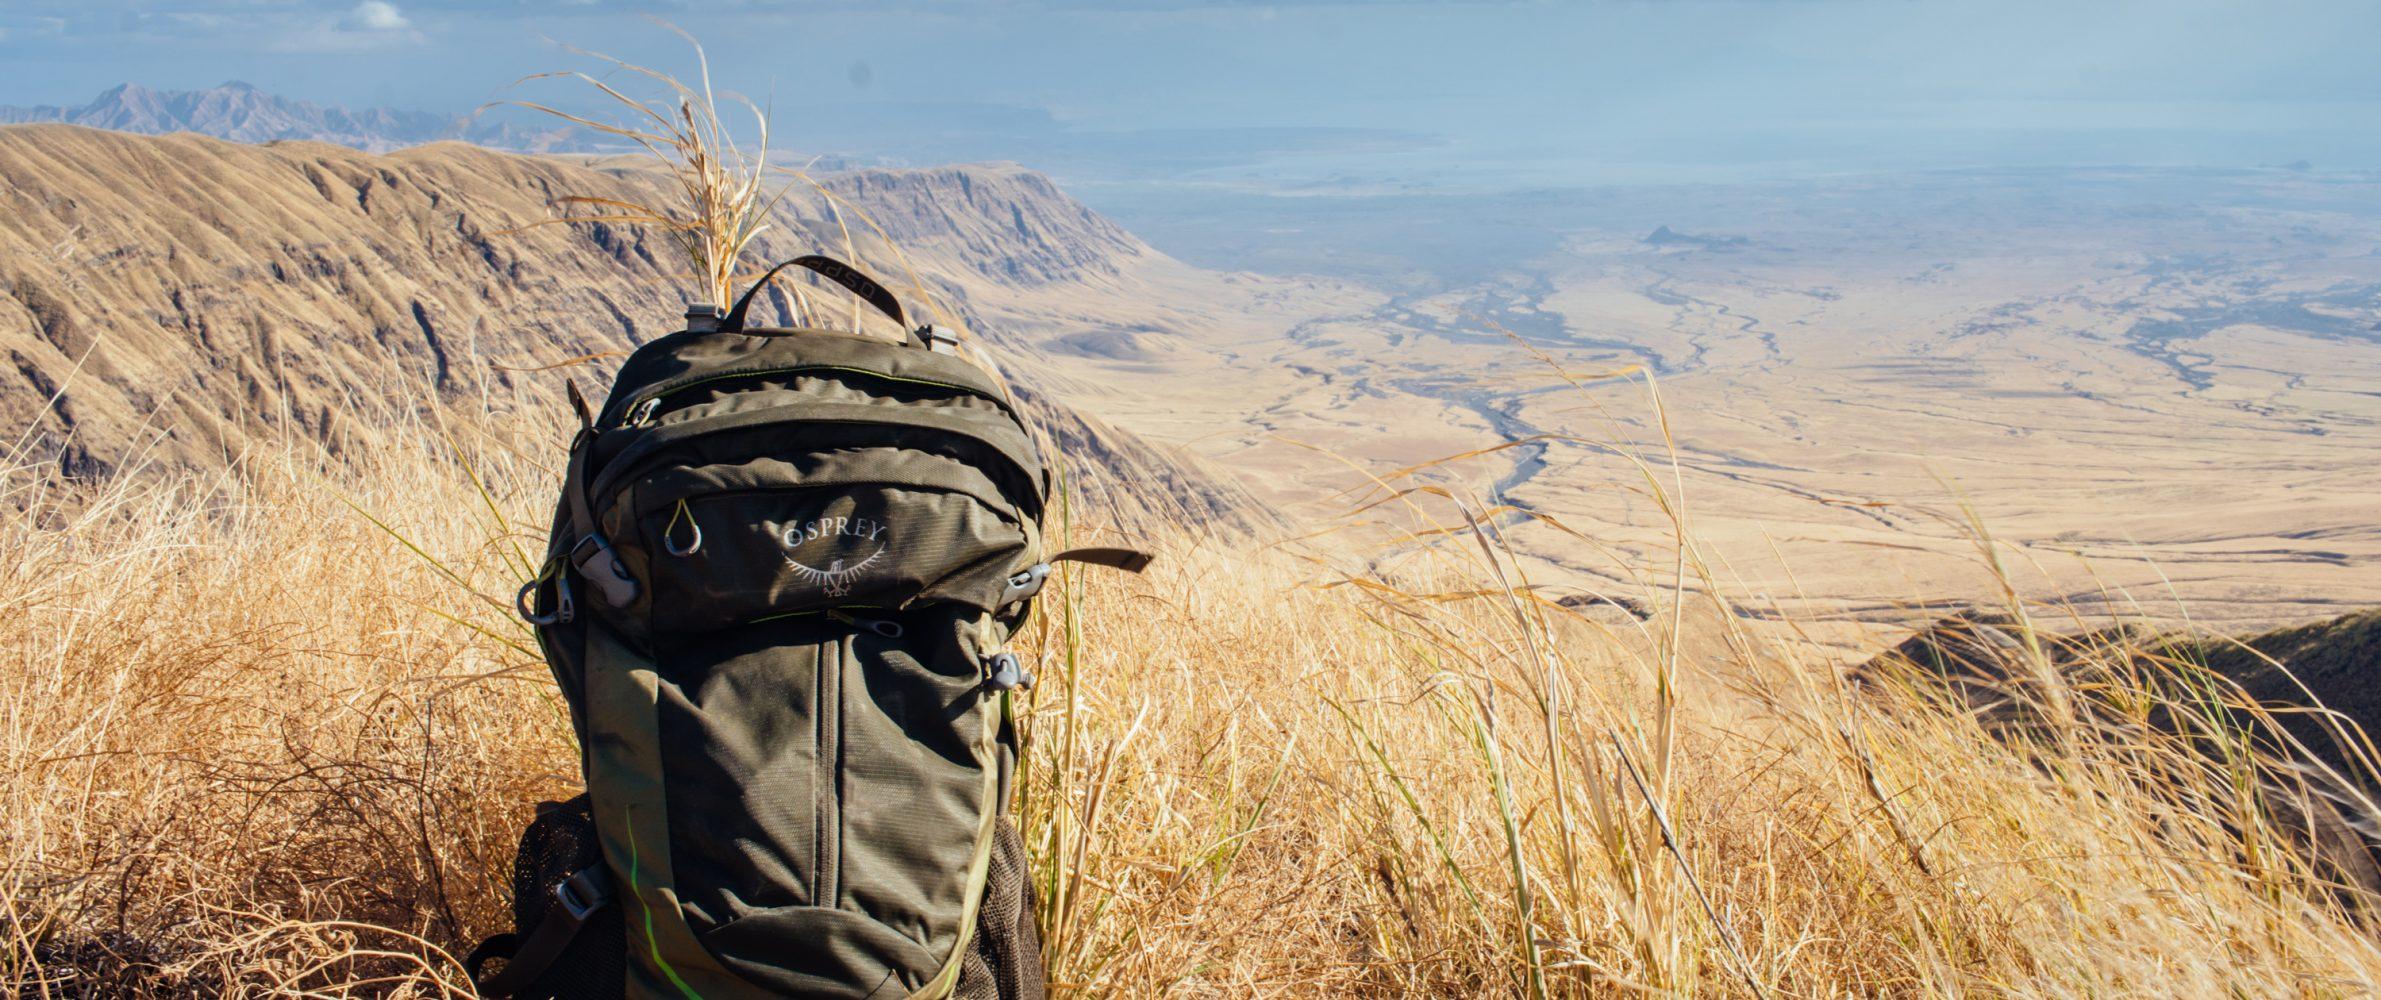 Repack Your Bag safari